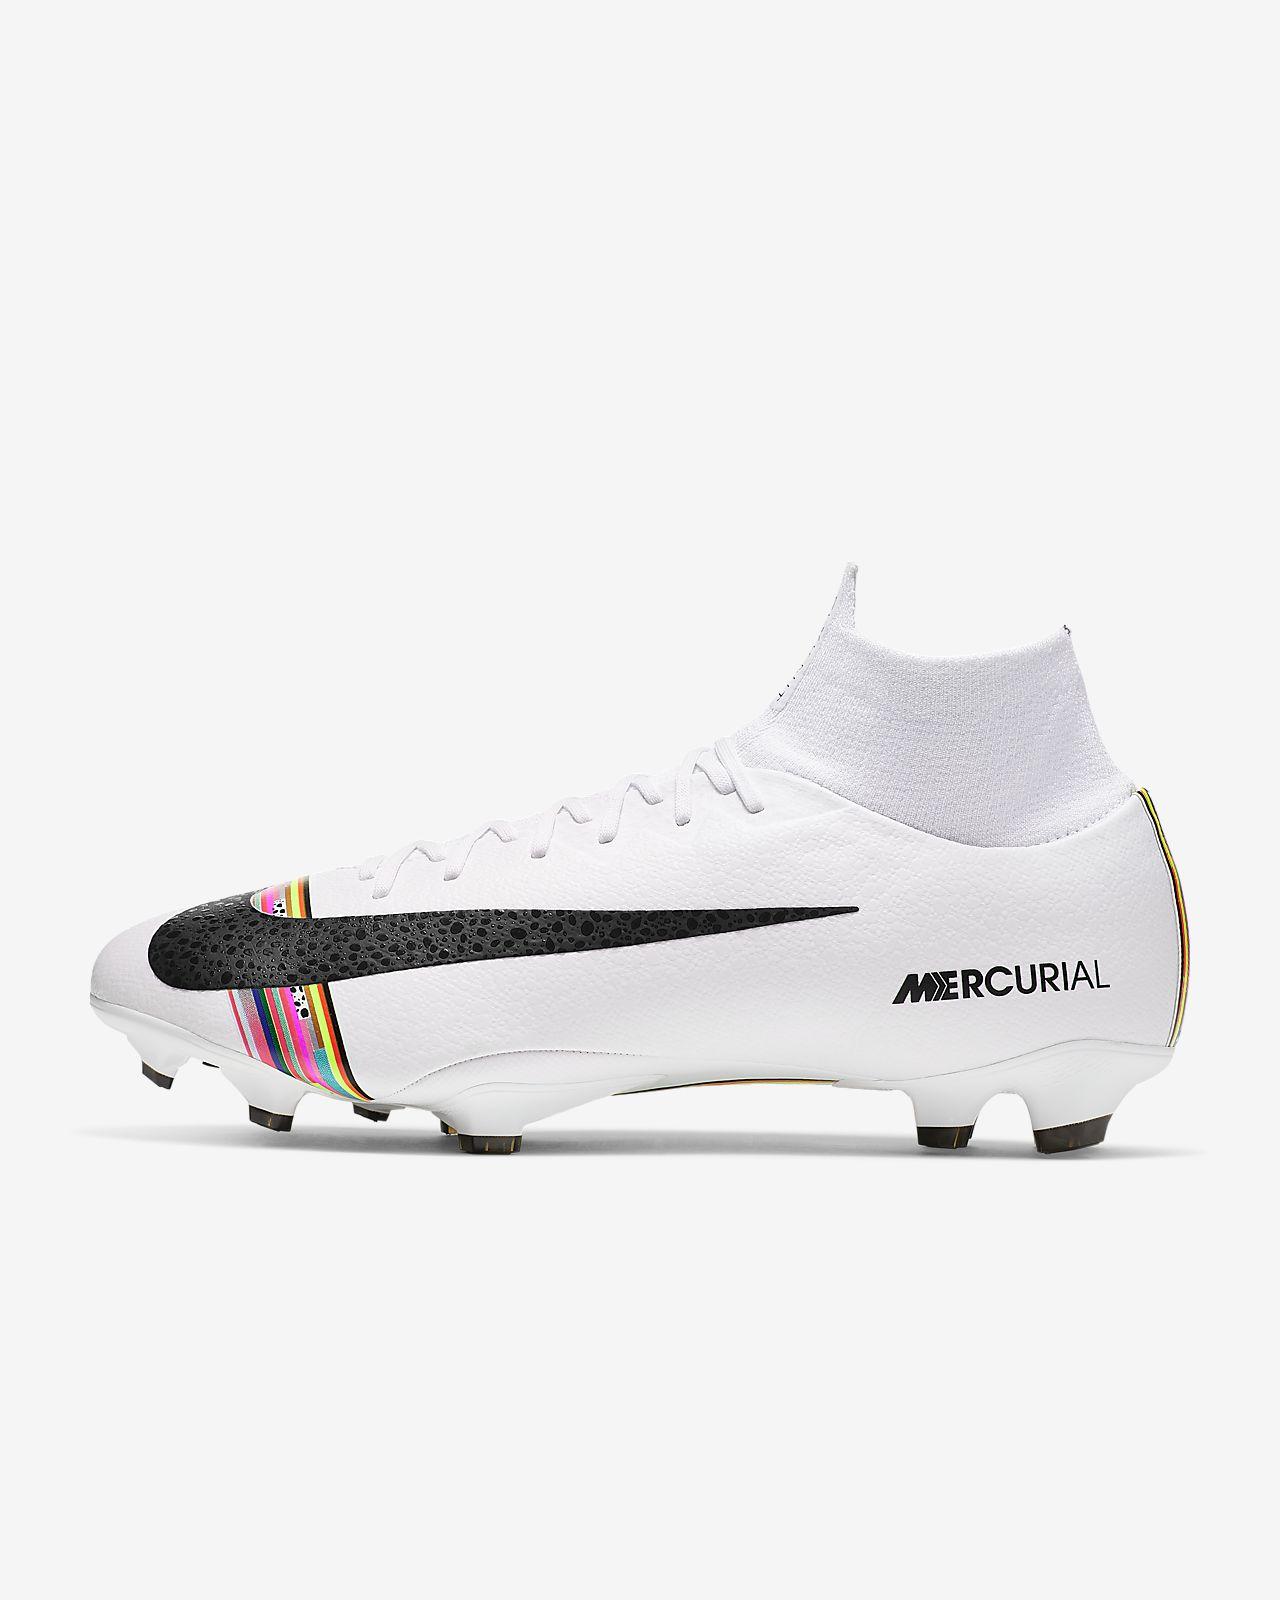 timeless design e3da0 47236 ... Nike Superfly 6 Pro LVL UP FG Voetbalschoen (stevige ondergrond)